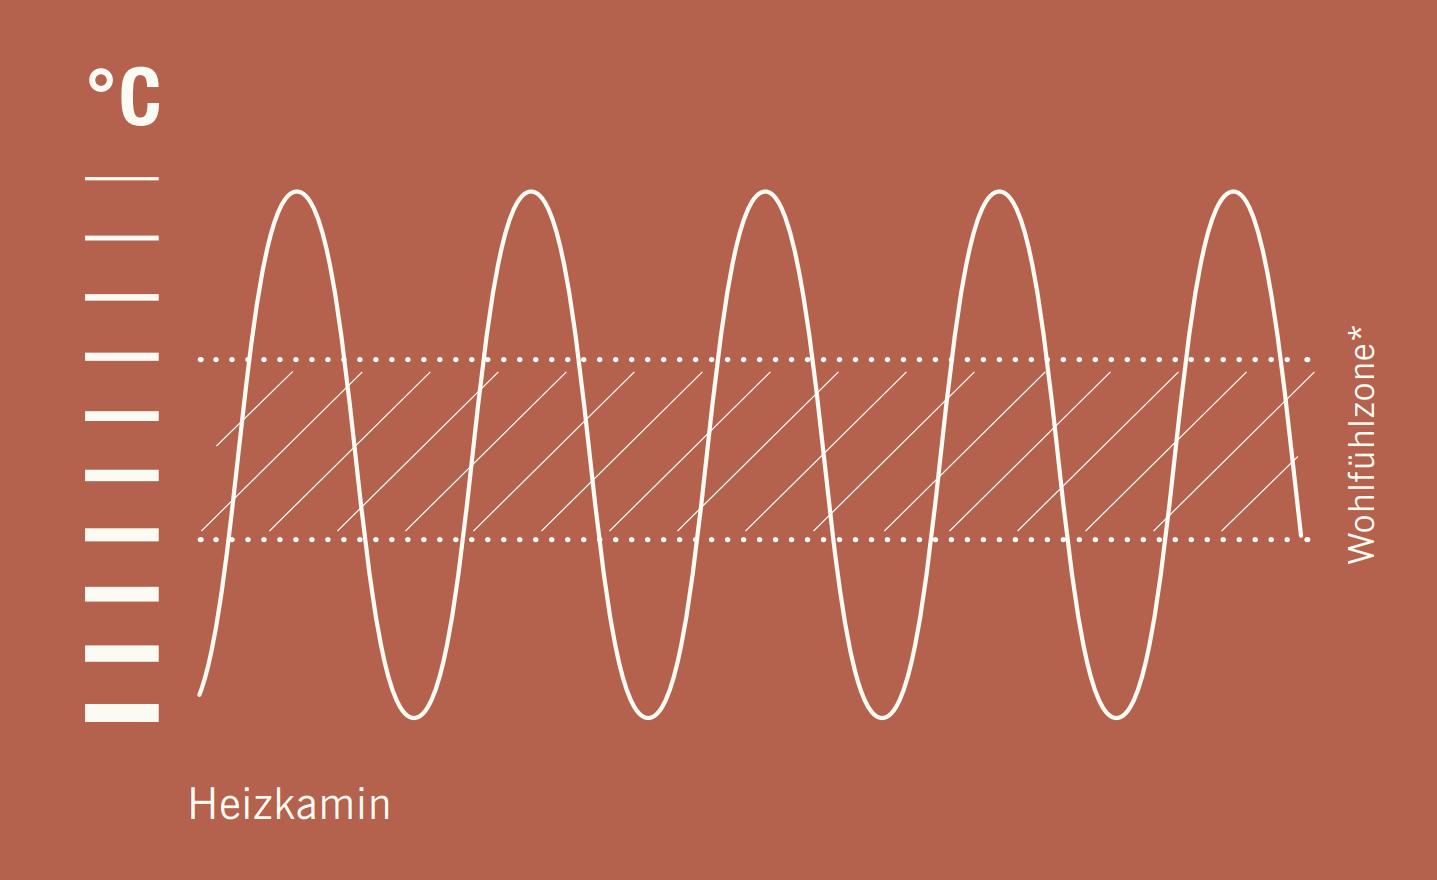 Grafik der Wohlfühltemperatur eines Heizkamins